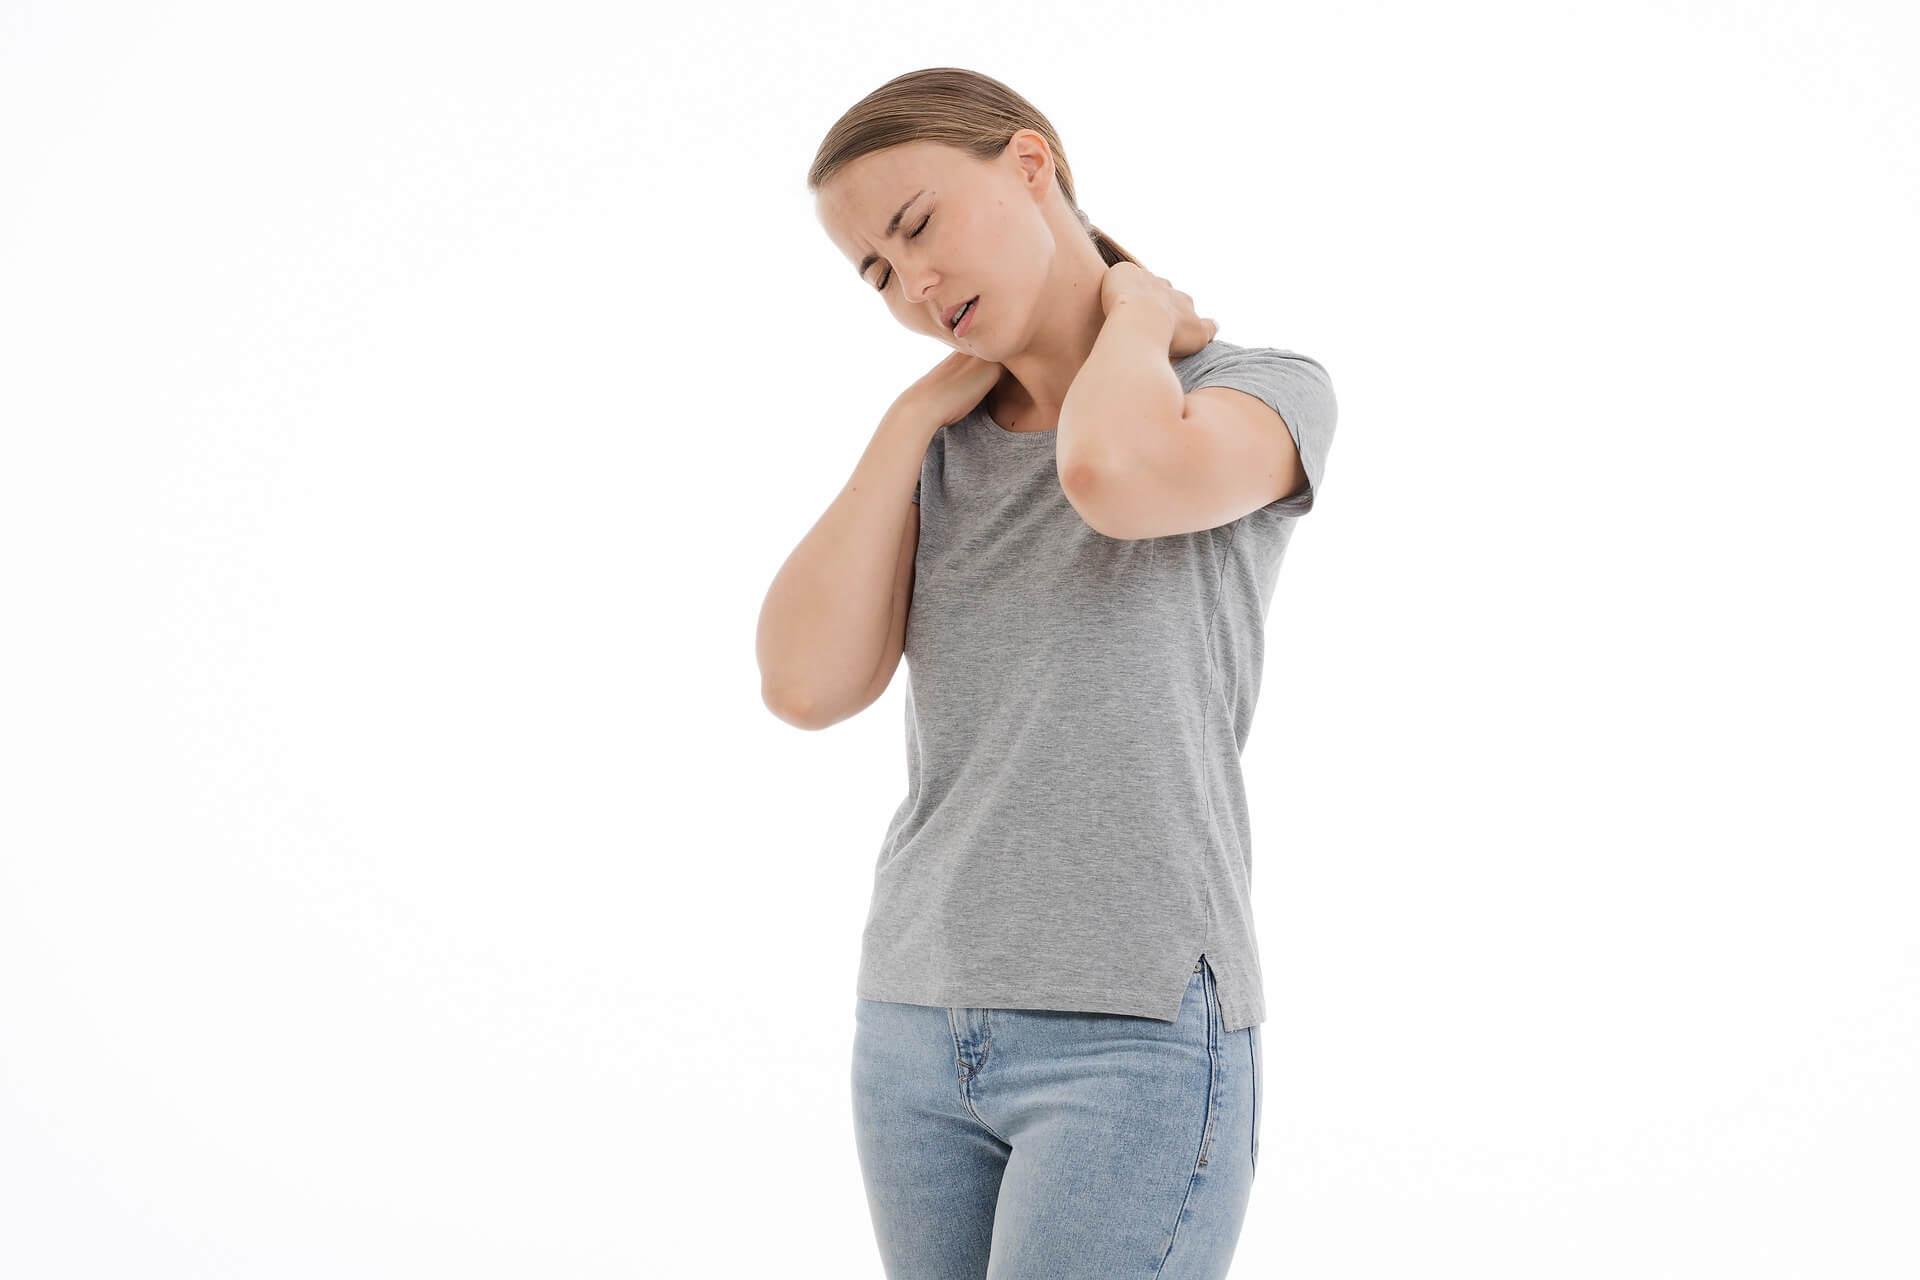 あなたのお悩み徹底解説!|肩こり、腰痛・ぎっくり腰